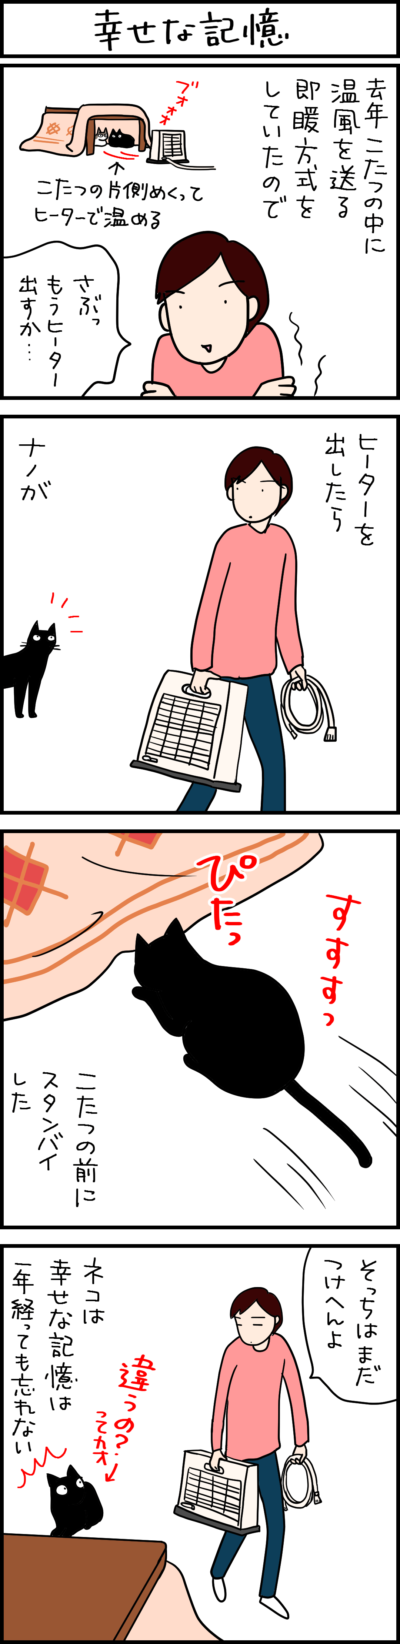 猫は幸せな記憶は残ってる4コマ猫まんが